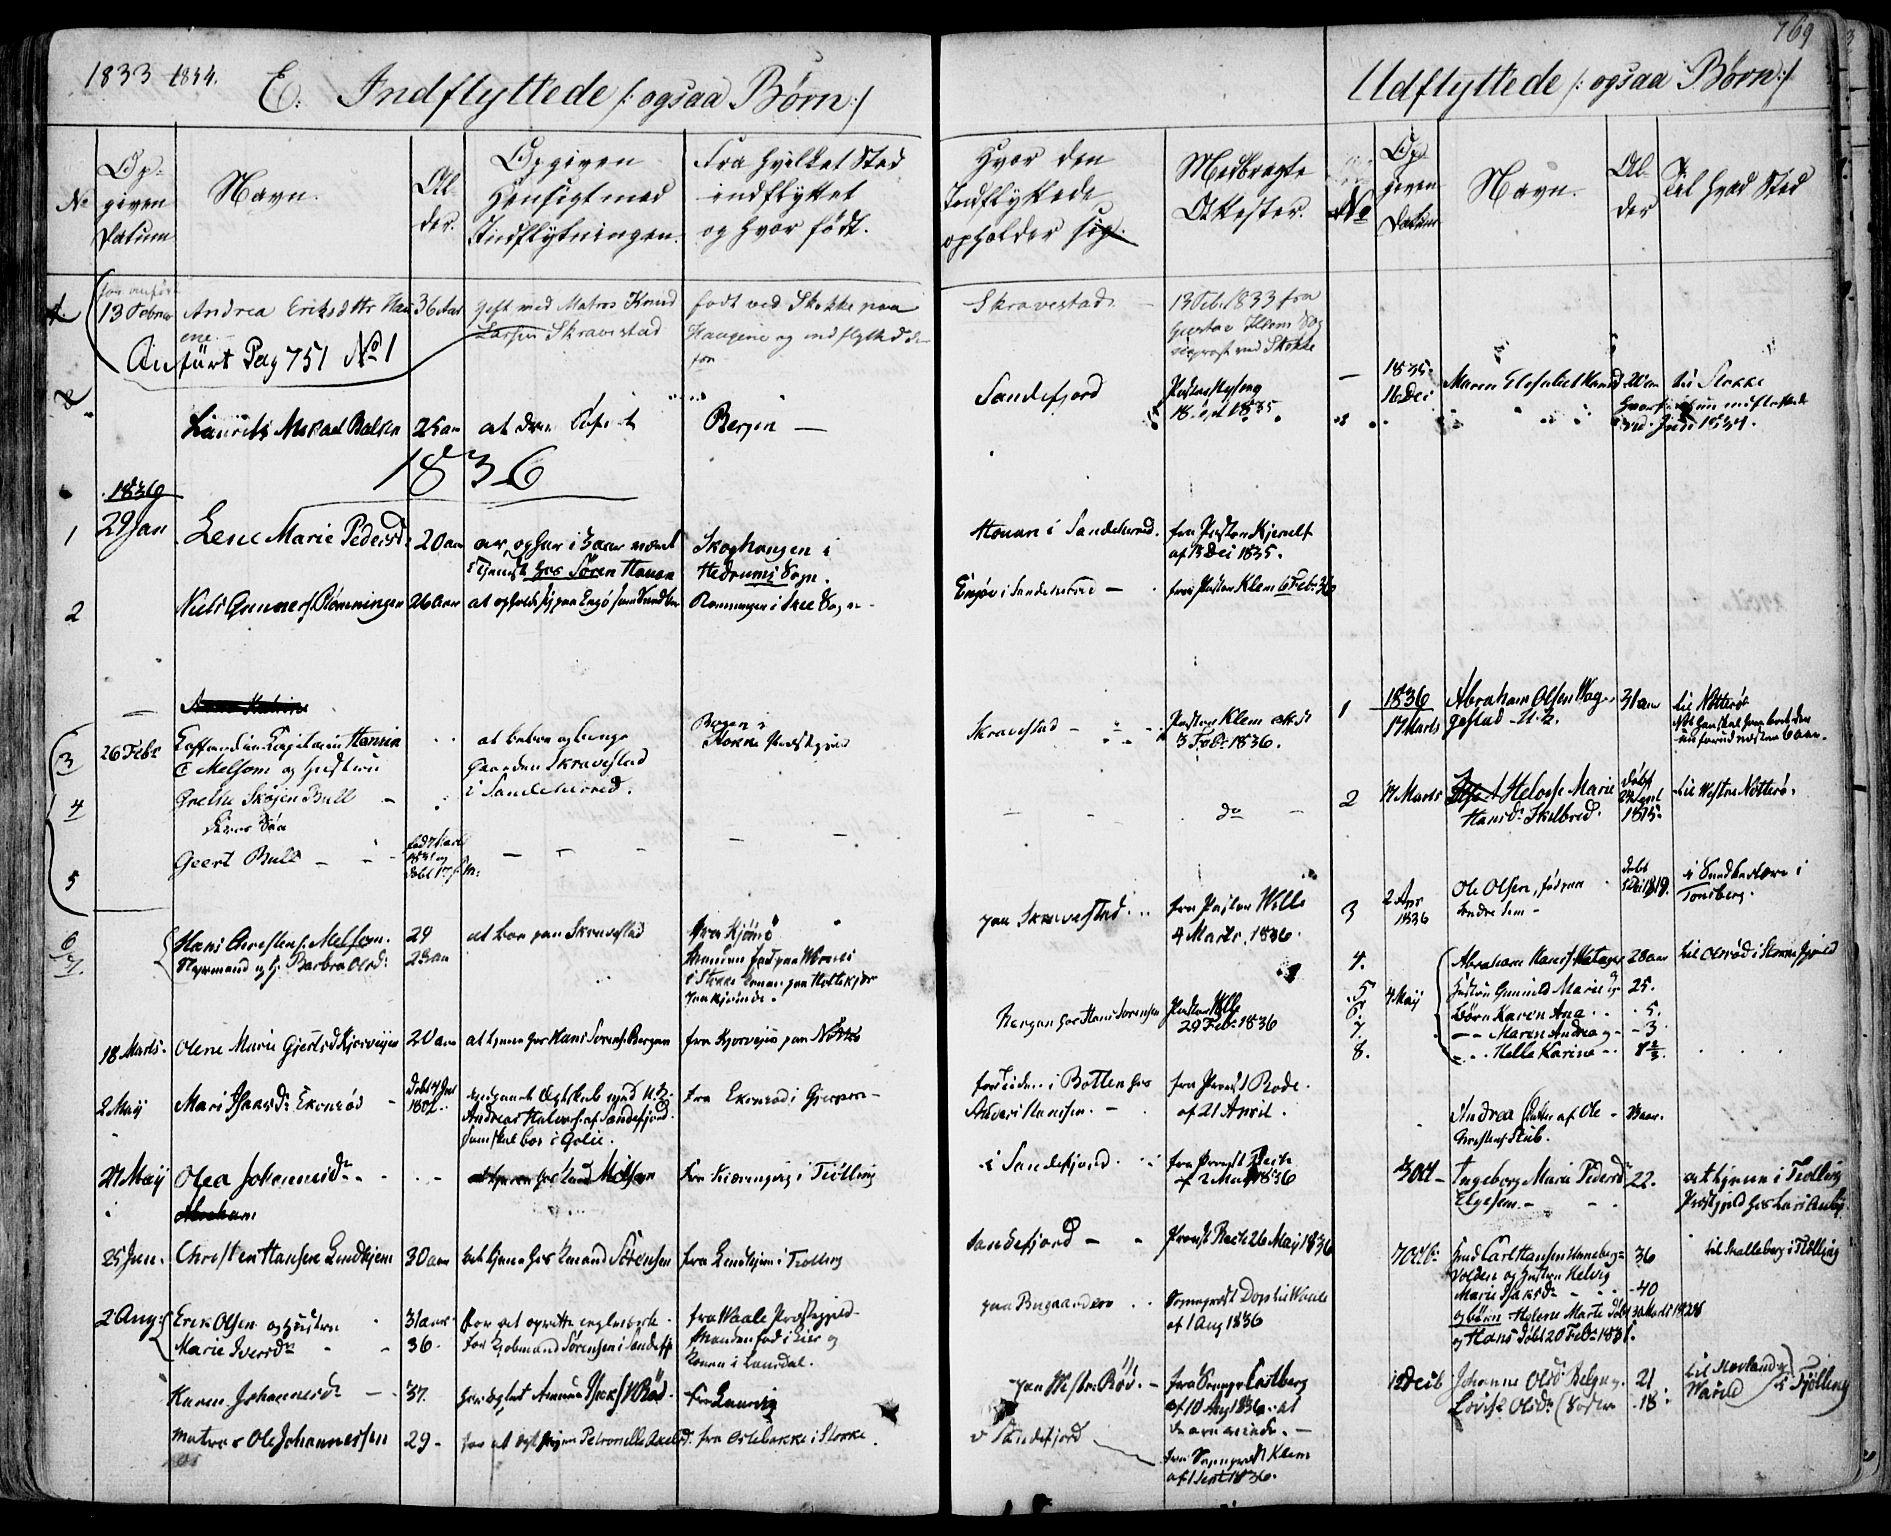 SAKO, Sandar kirkebøker, F/Fa/L0005: Ministerialbok nr. 5, 1832-1847, s. 768-769